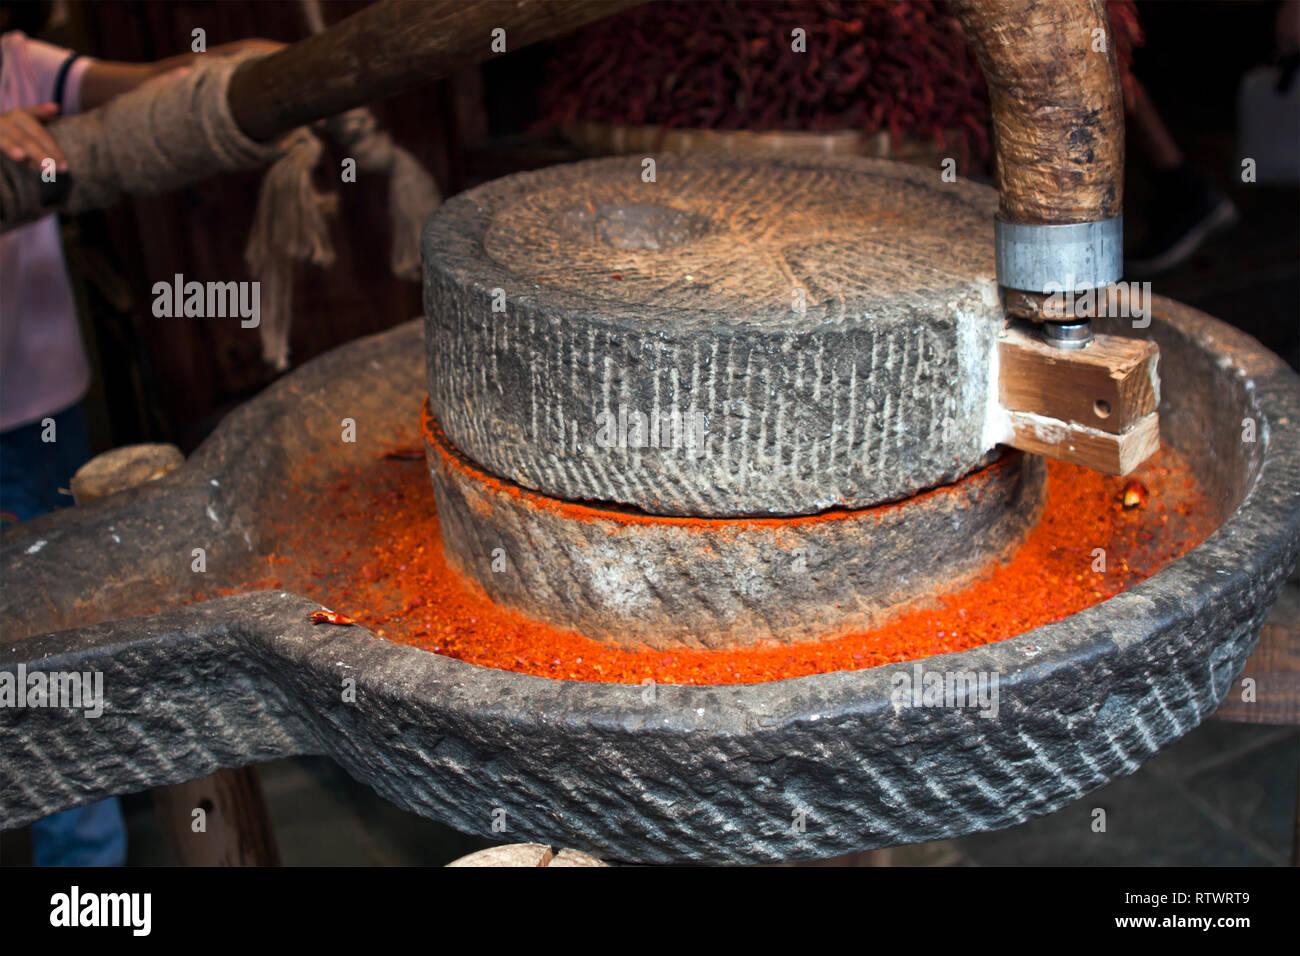 Piments rouges séchés de meulage à la main dans un moulin en pierre. Poudre de chili rouge au sol. Banque D'Images